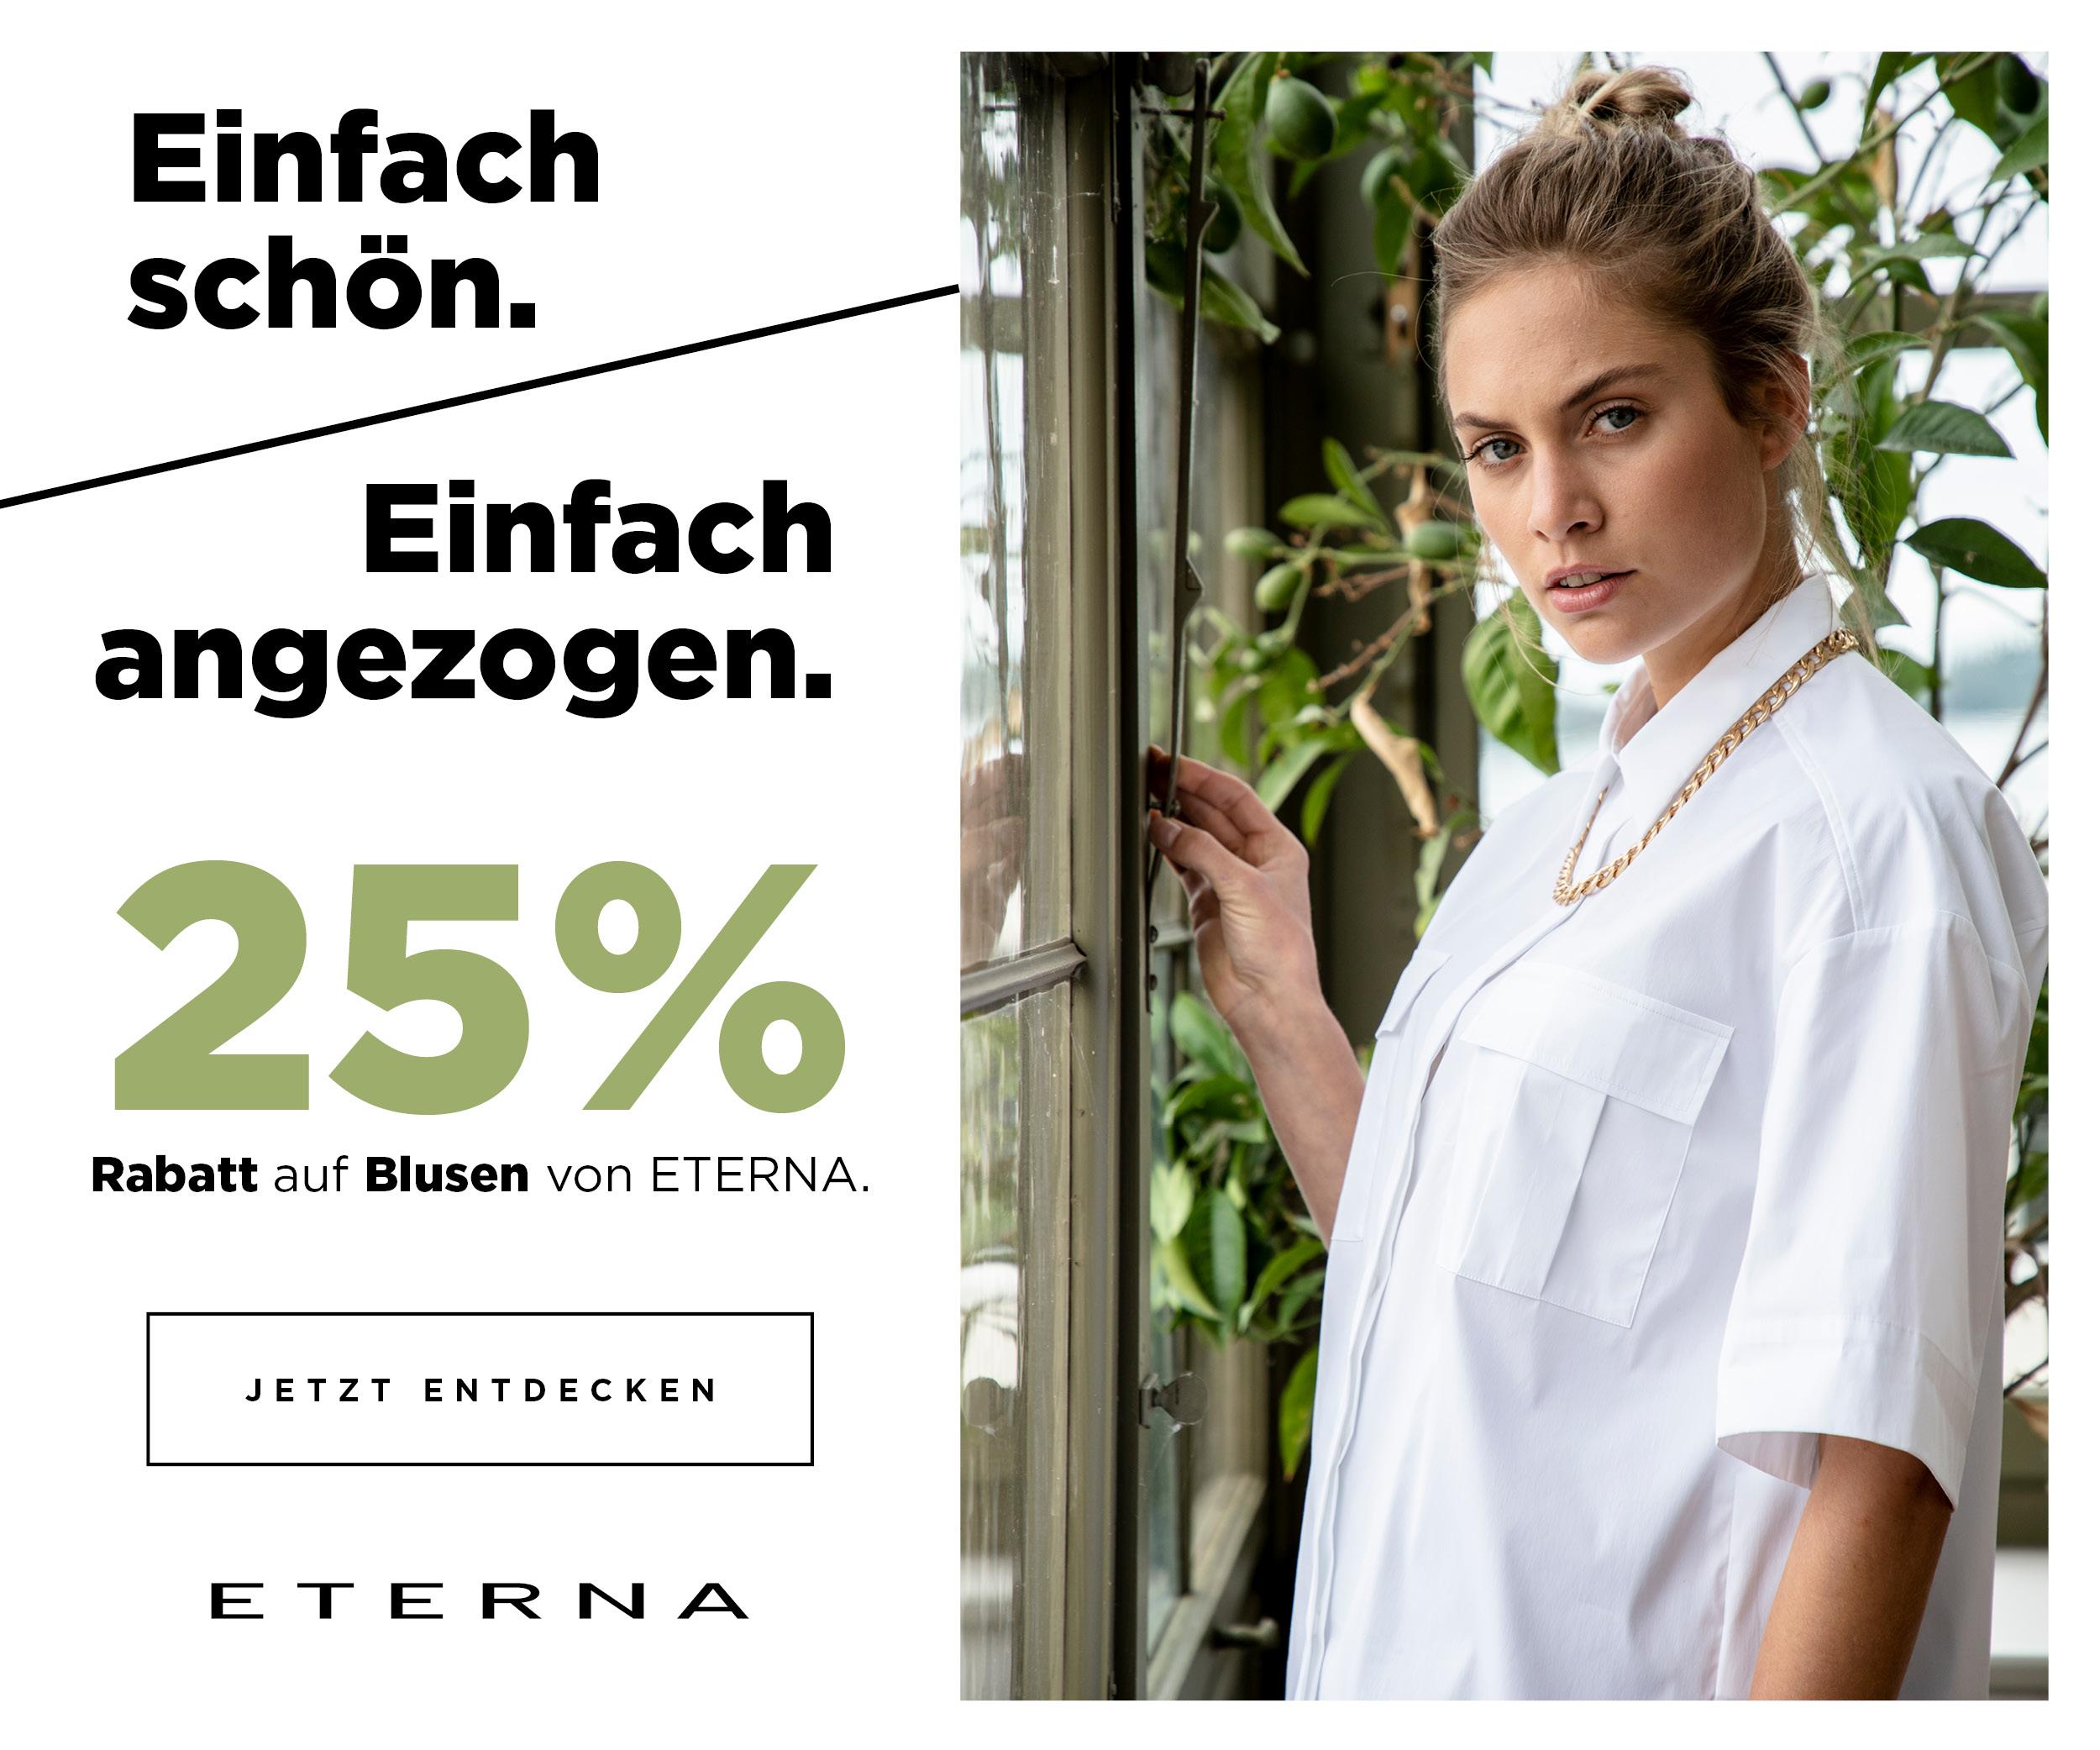 ETERNA: 25% auf Blusen